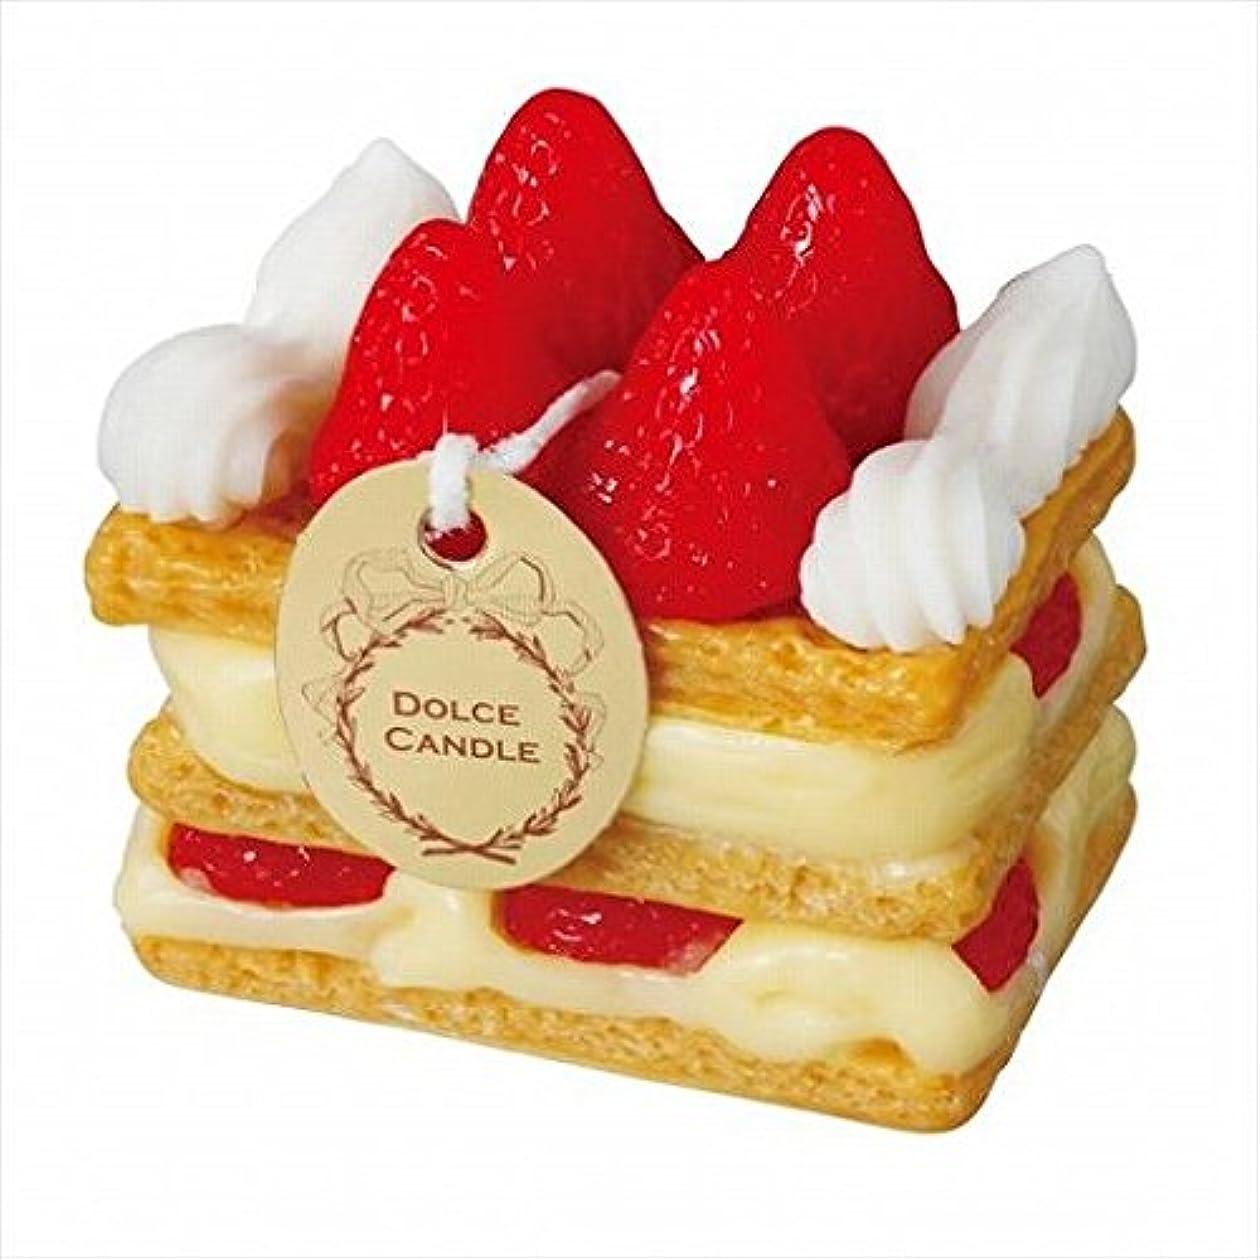 ストレンジャー木製不毛sweets candle(スイーツキャンドル) ドルチェキャンドル 「 ミルフィーユ 」 キャンドル 60x40x60mm (A4340510)